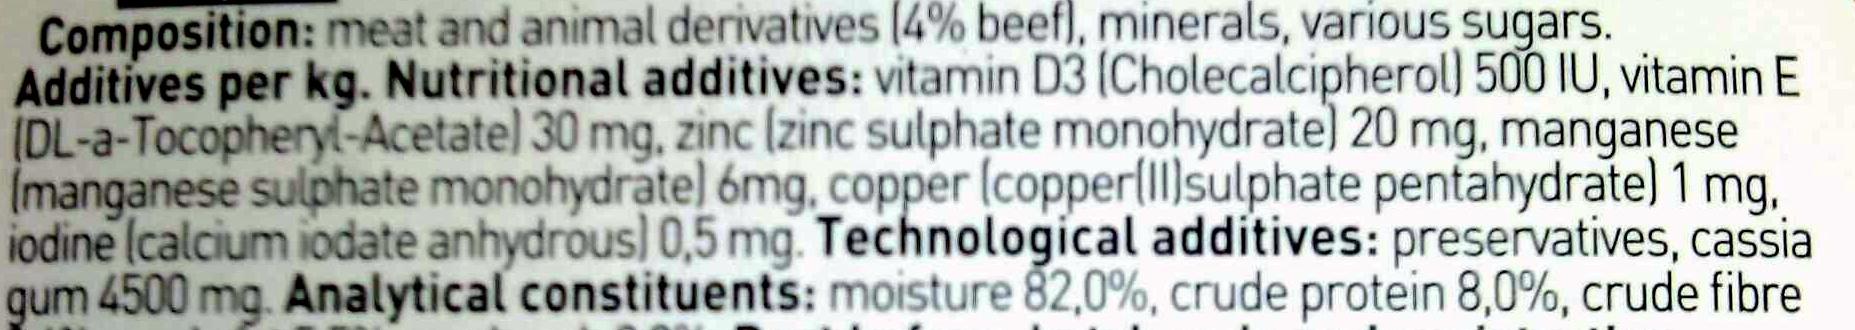 pate de carne de vaca para gato adultos - Ingredients